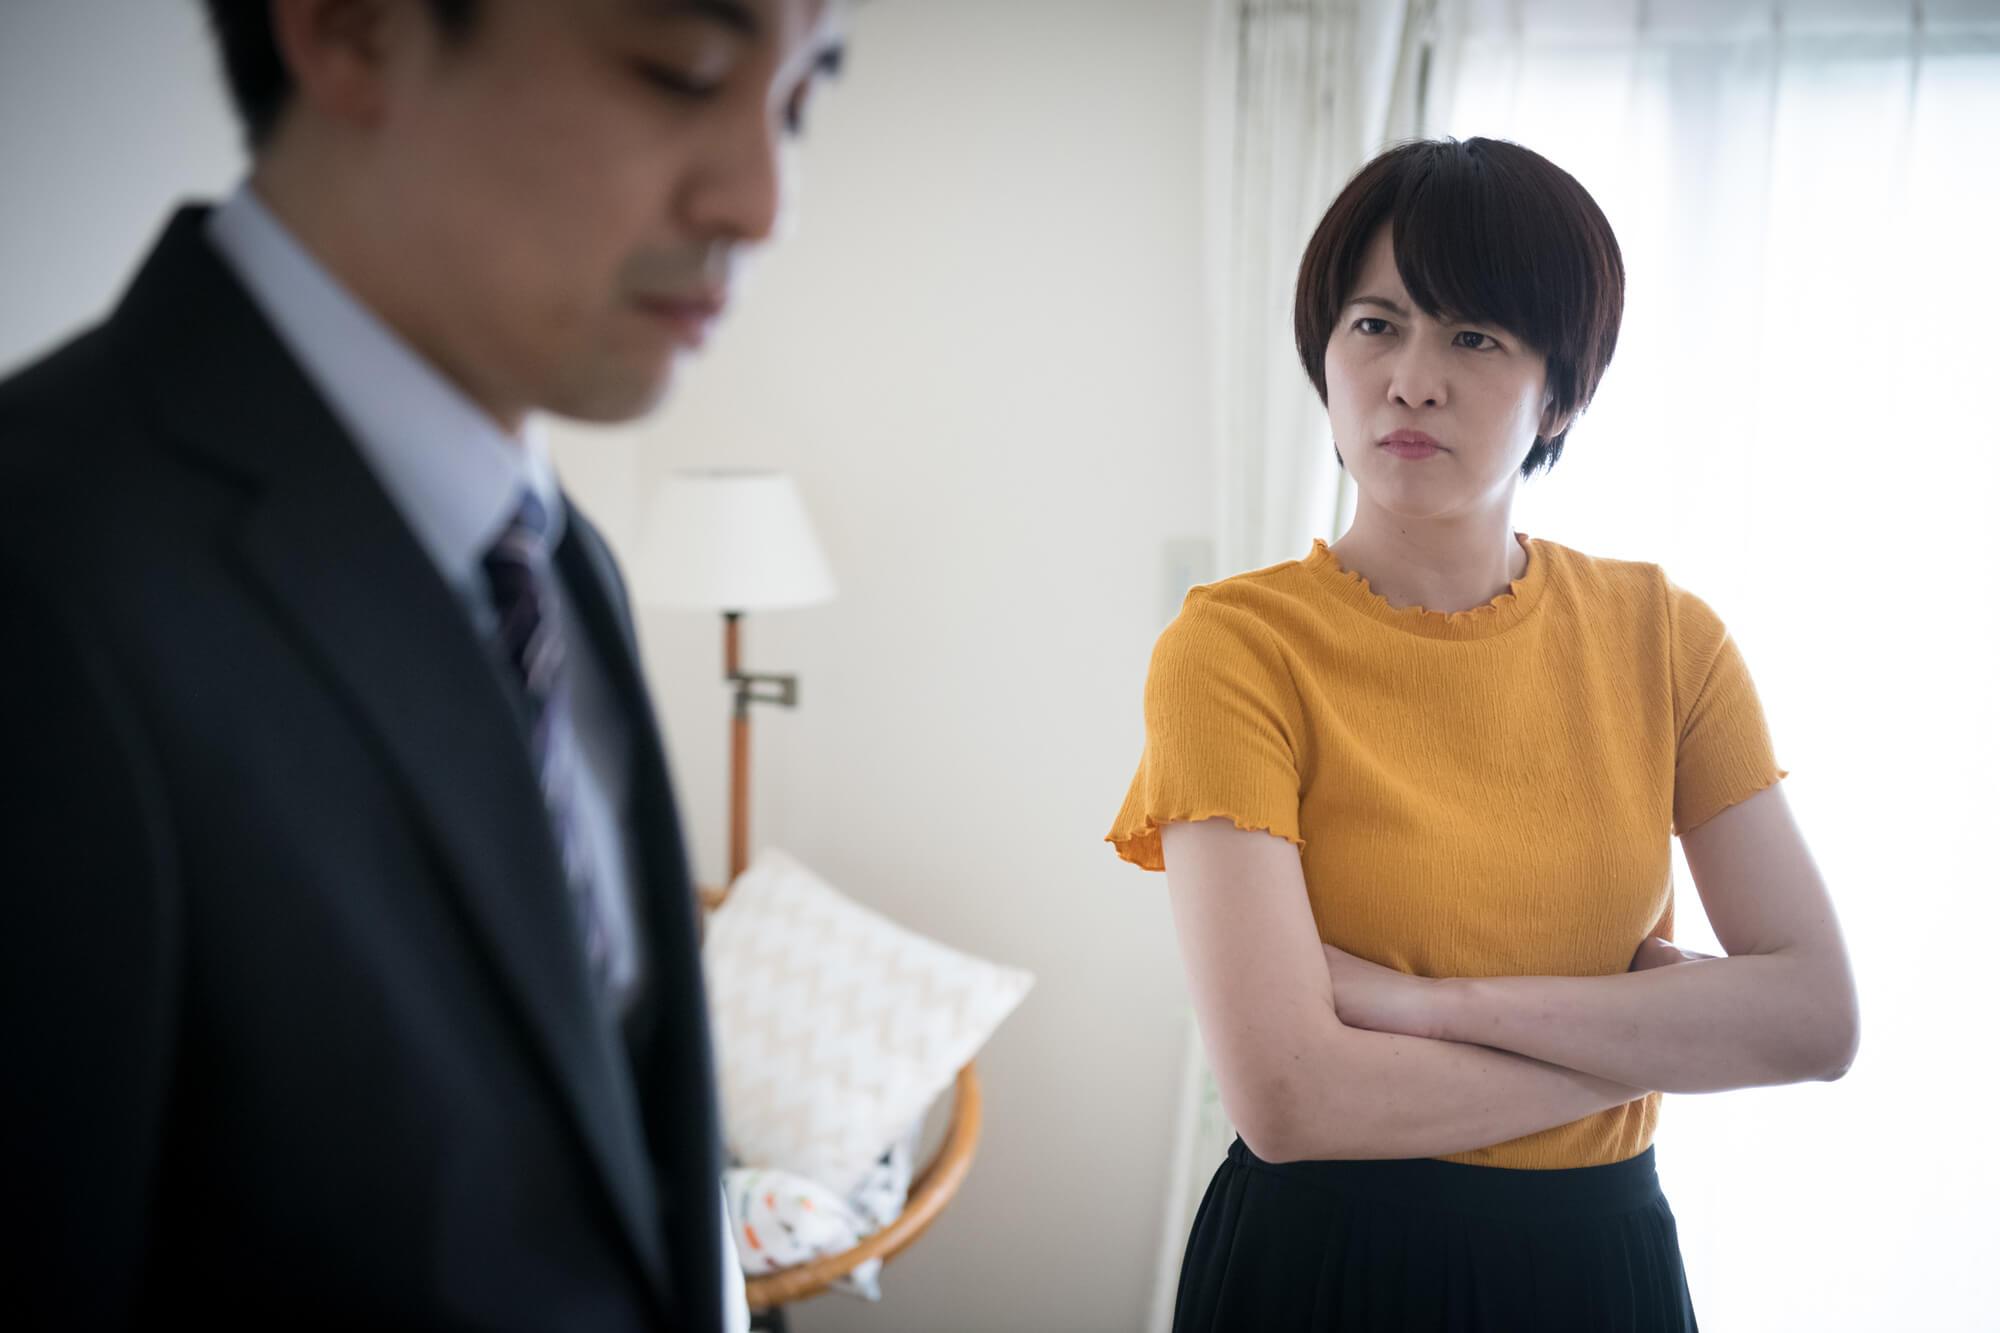 夫婦関係が悪化し、妻と離婚したいと考えている発達障害の夫